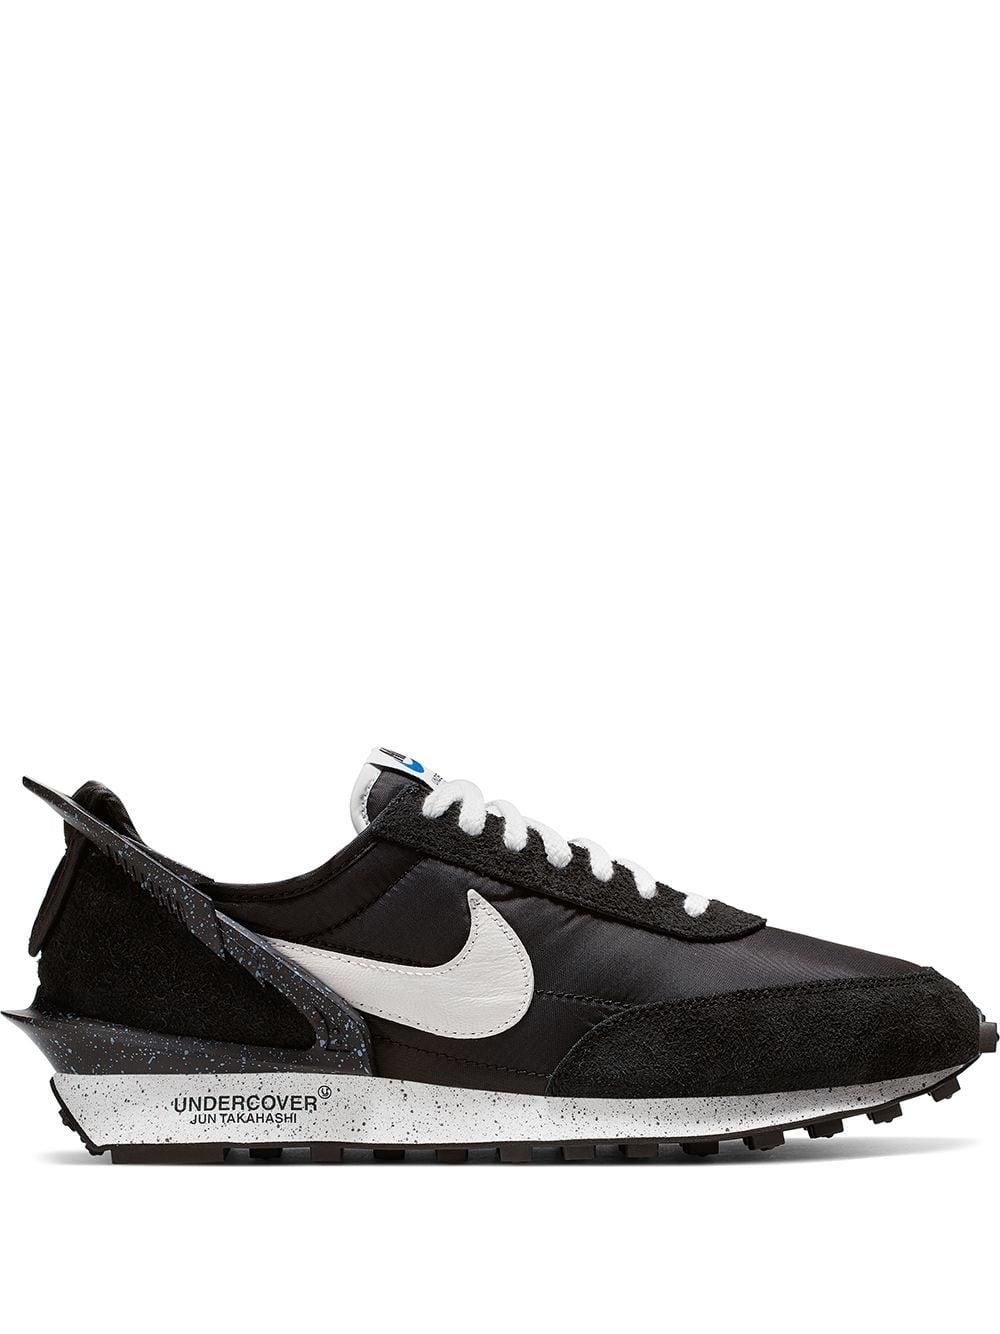 Nike X Undercover Daybreak Sneakers | Black nikes, Sneakers